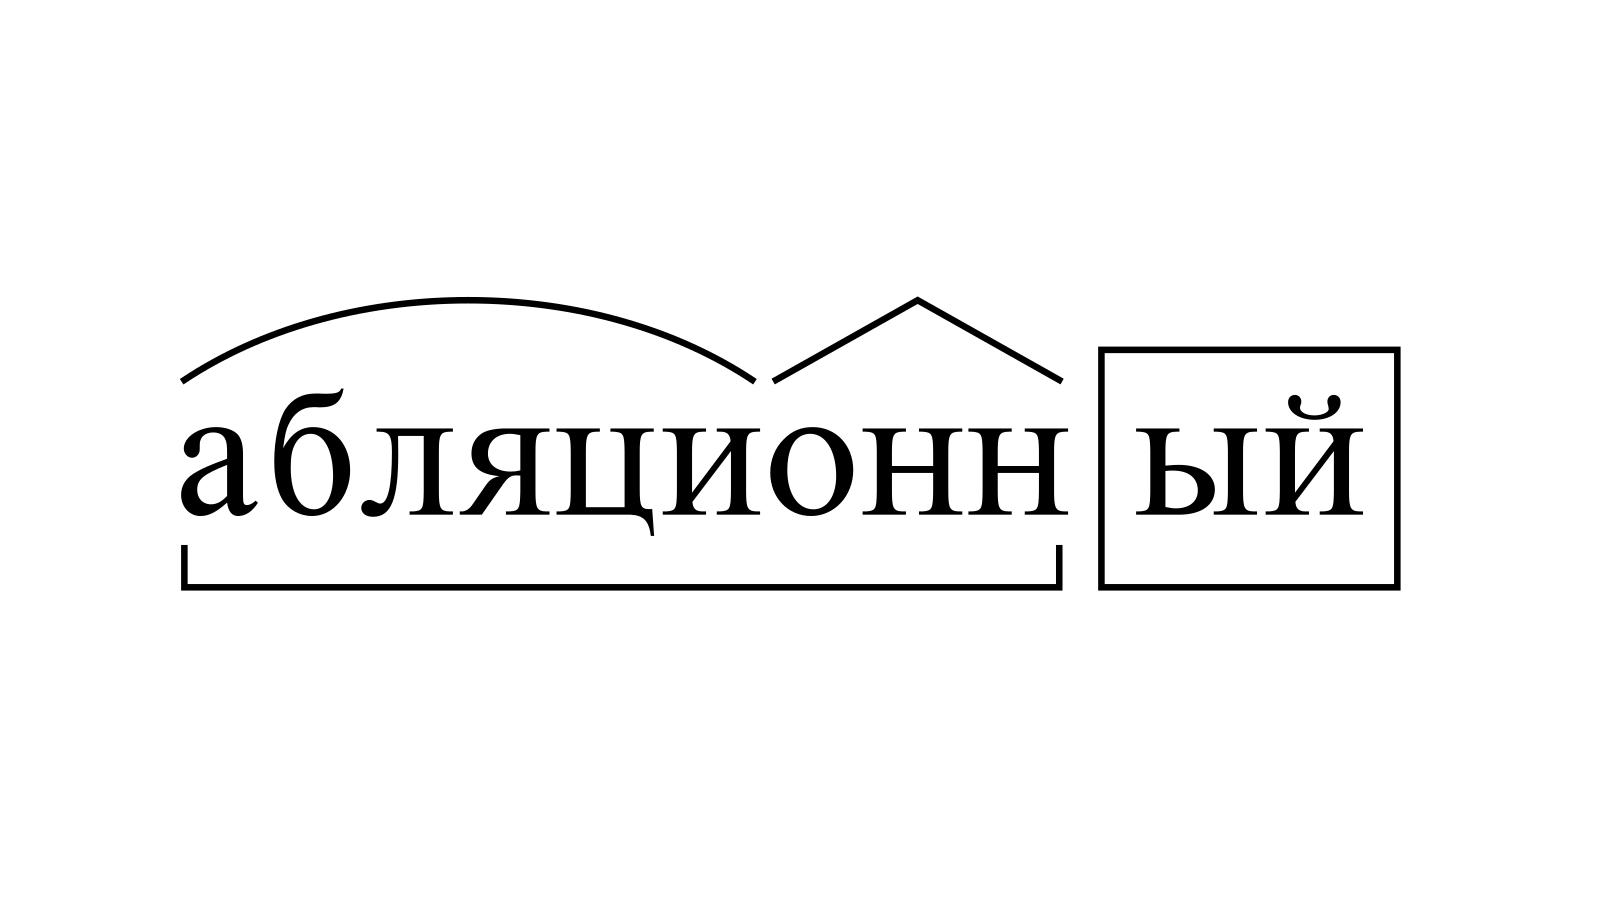 Разбор слова «абляционный» по составу